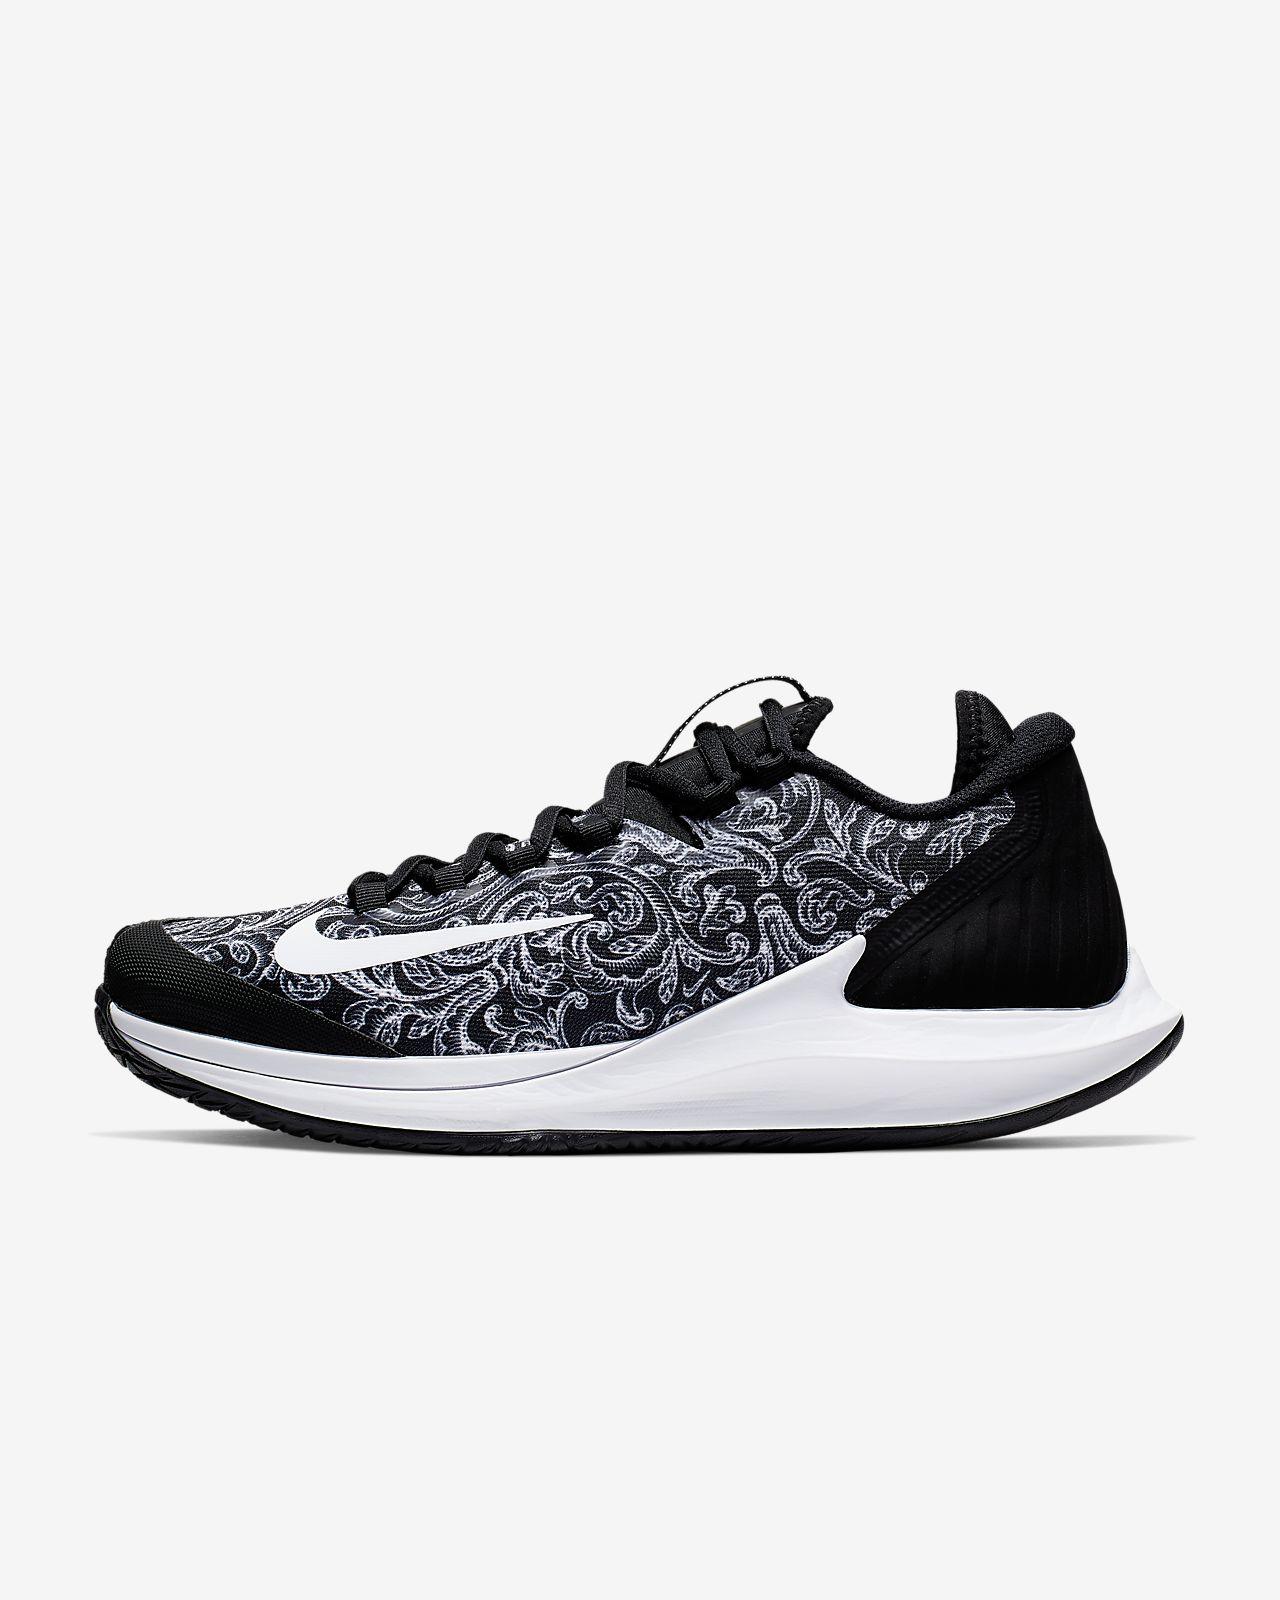 df168bc13b287 NikeCourt Air Zoom Zero Zapatillas de tenis - Hombre. Nike.com ES